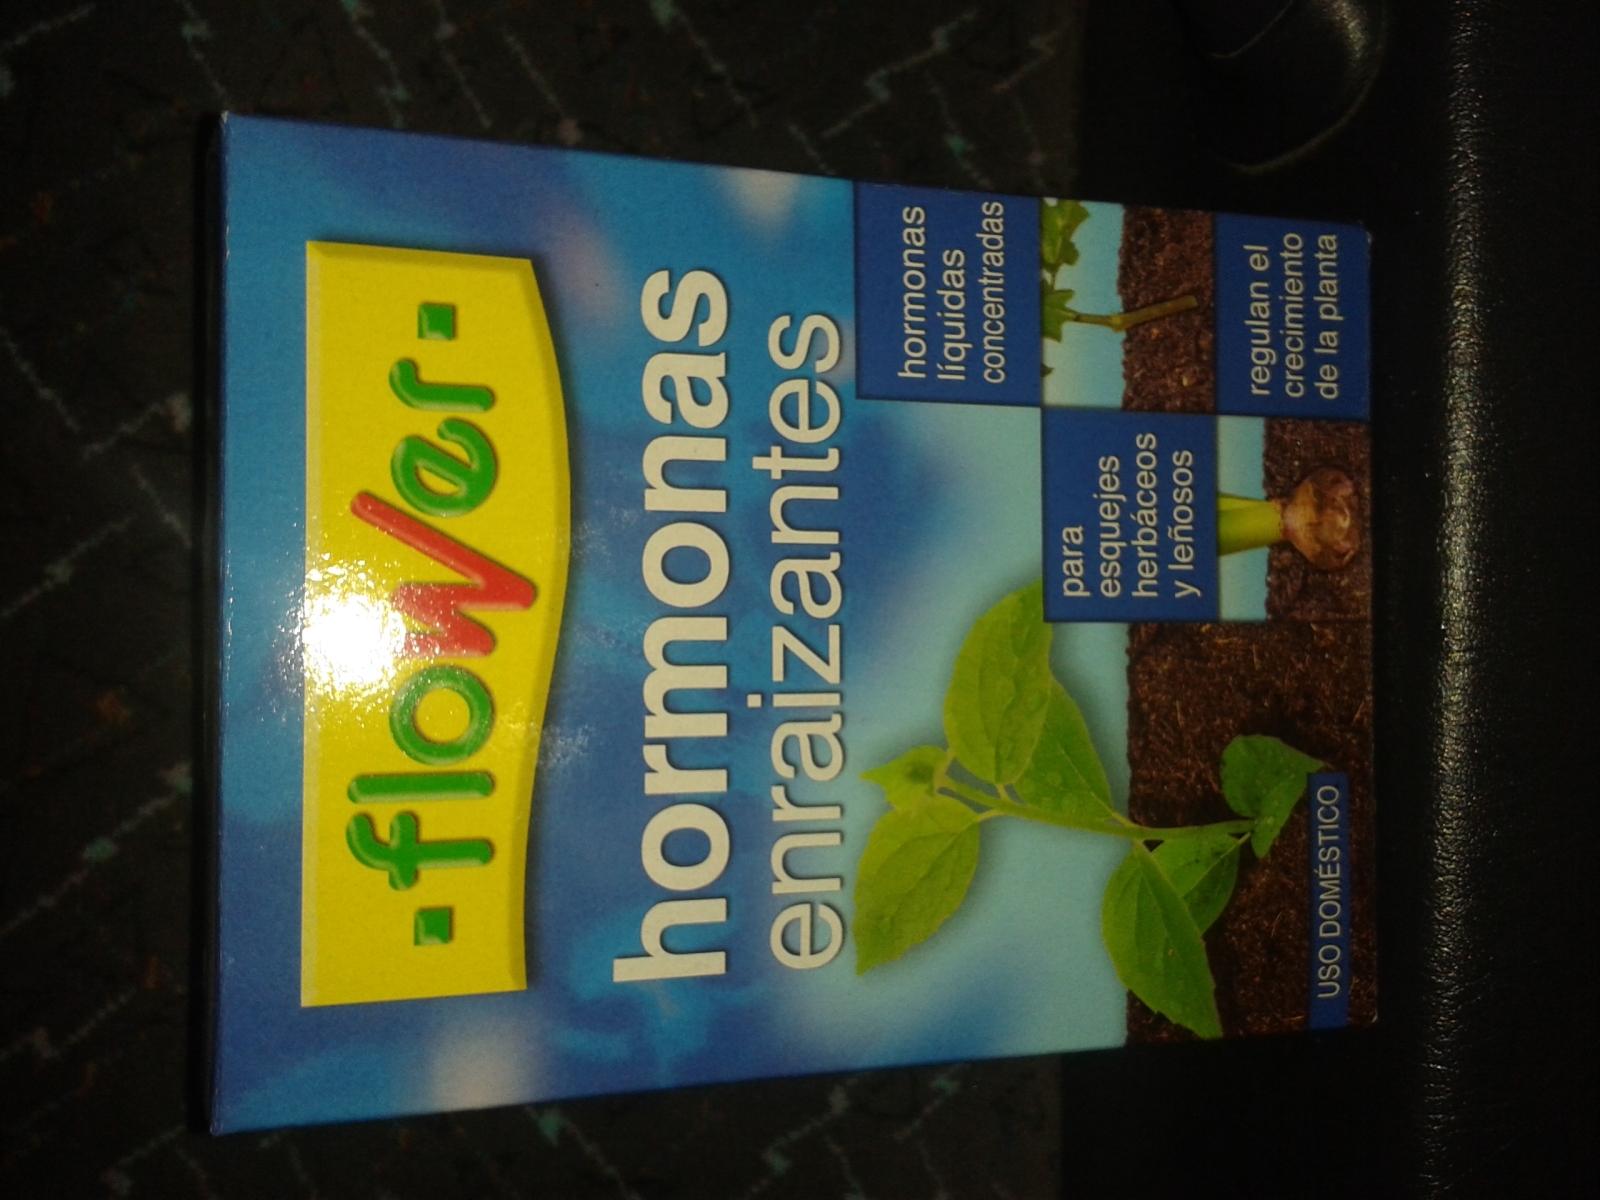 Hormonas de enraizamiento, líquidas o en polvo 20idg0y